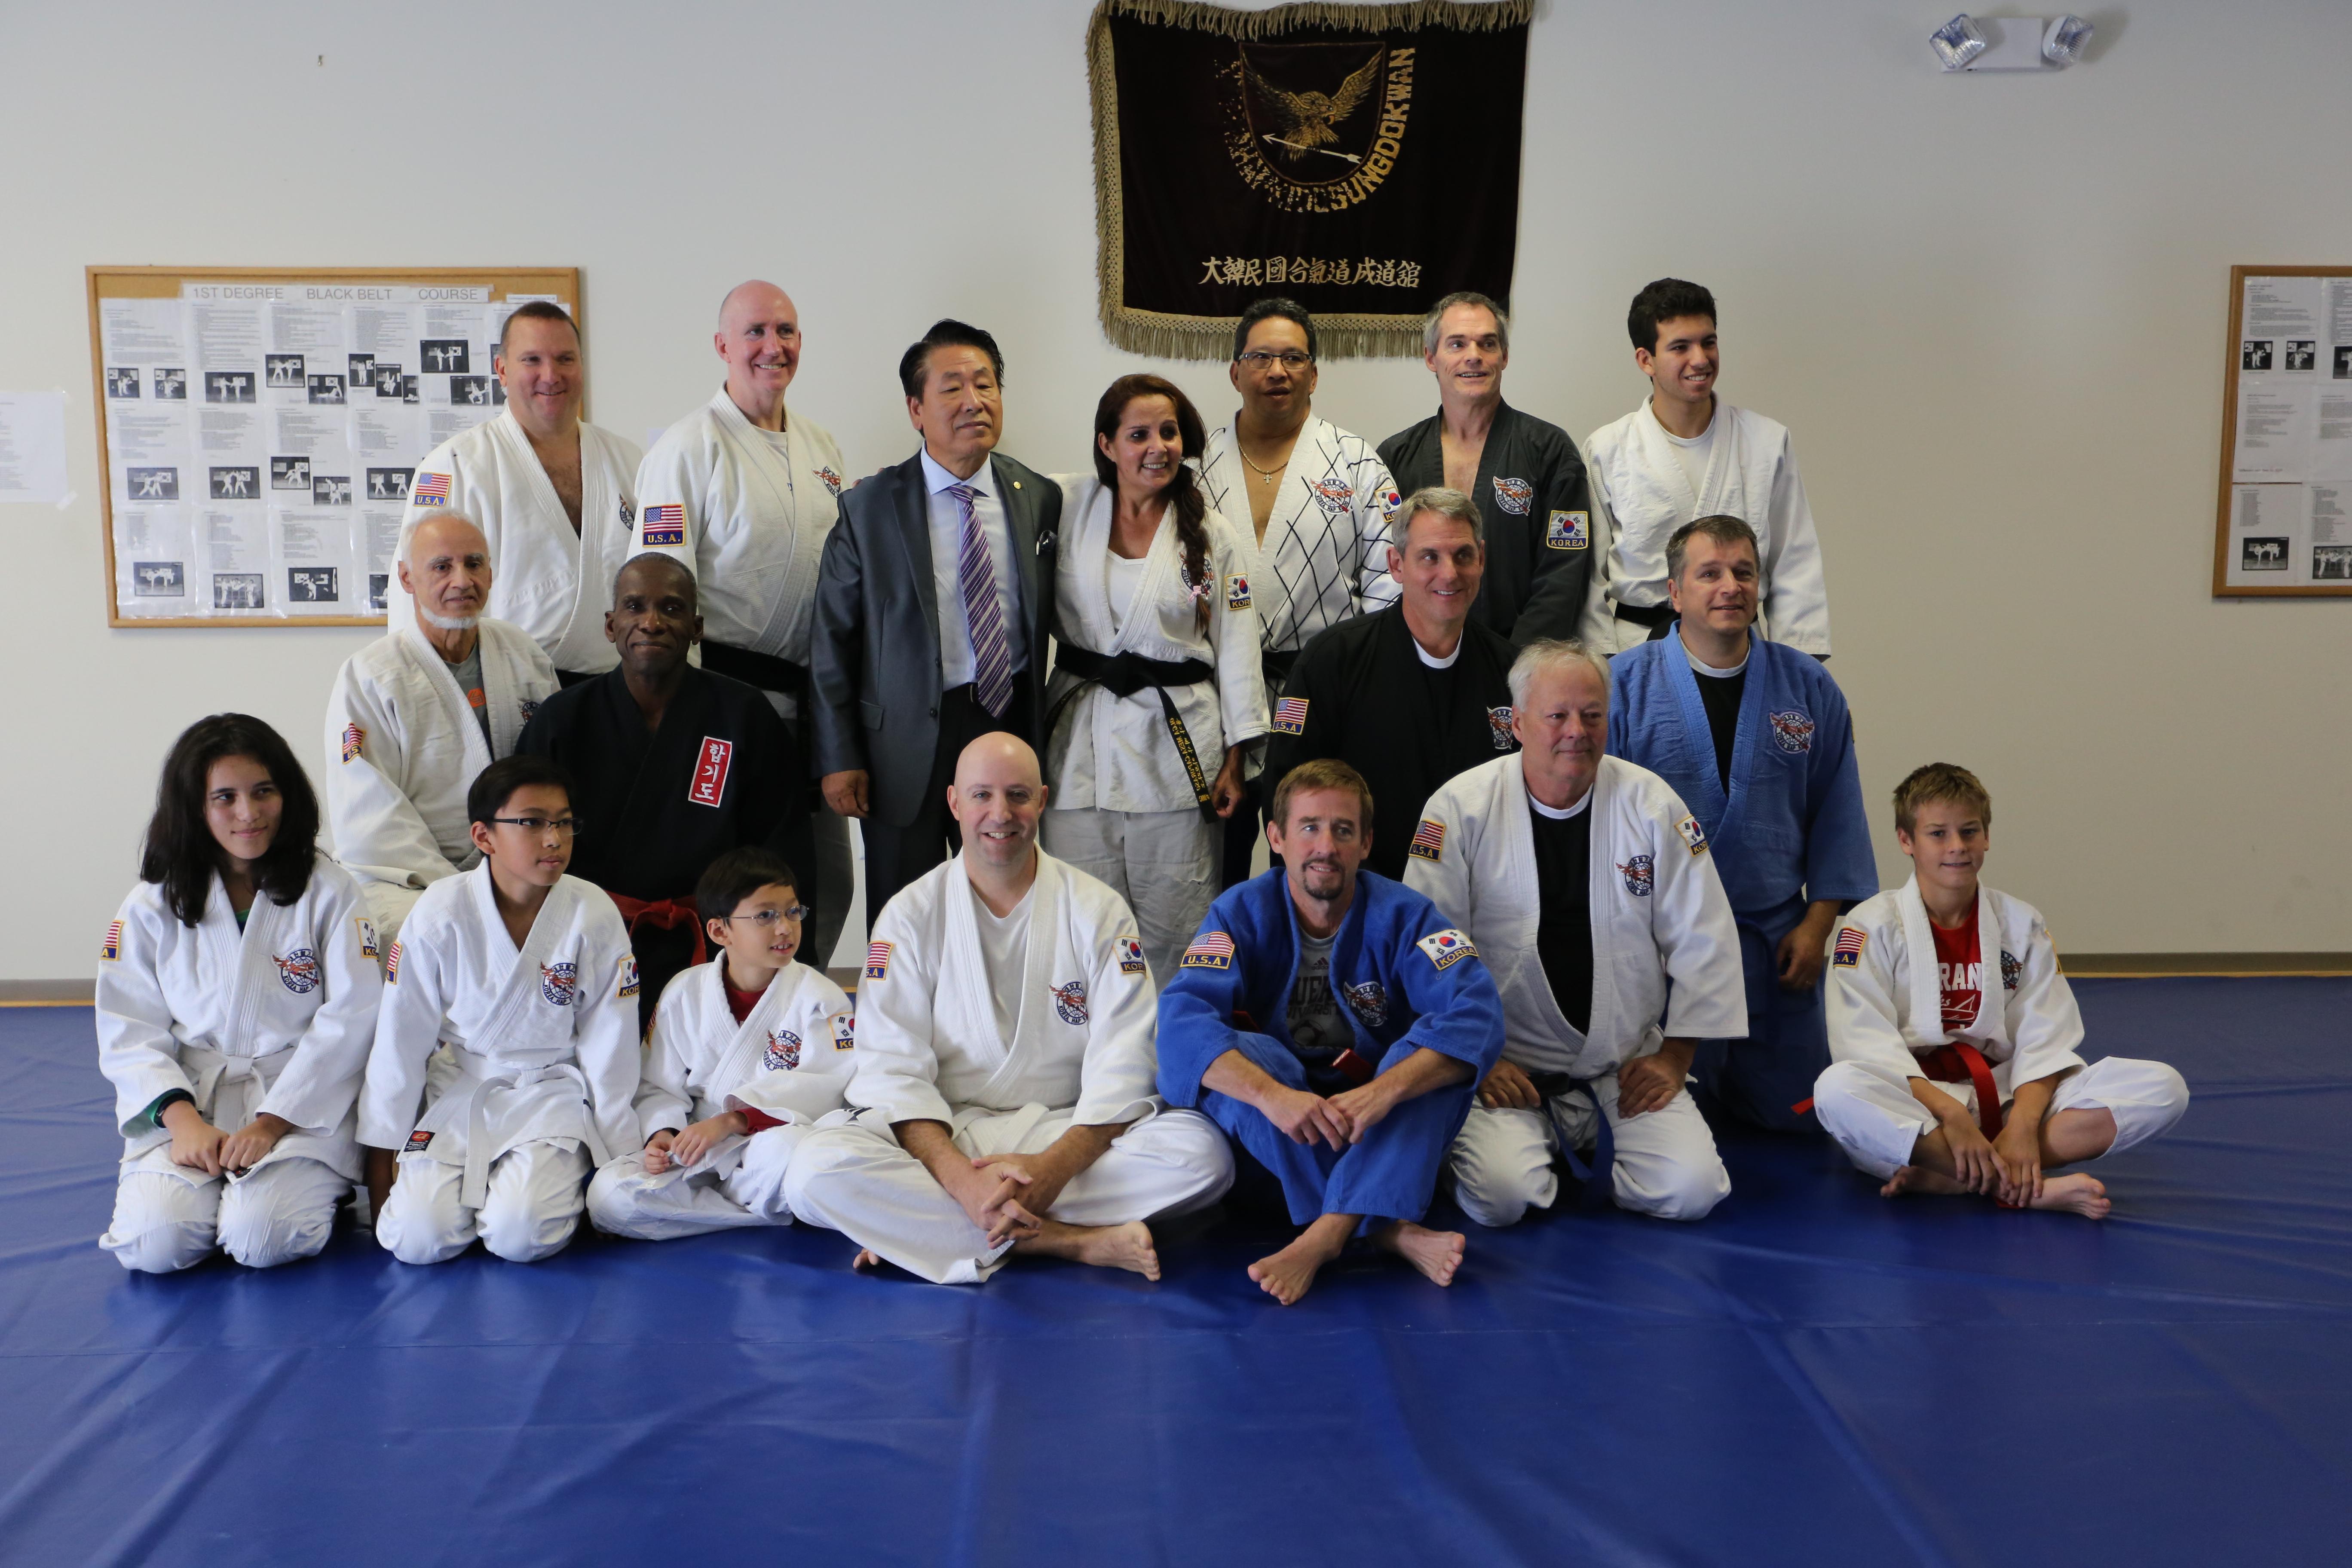 The Hapkido Center Llc Of Warren Nj